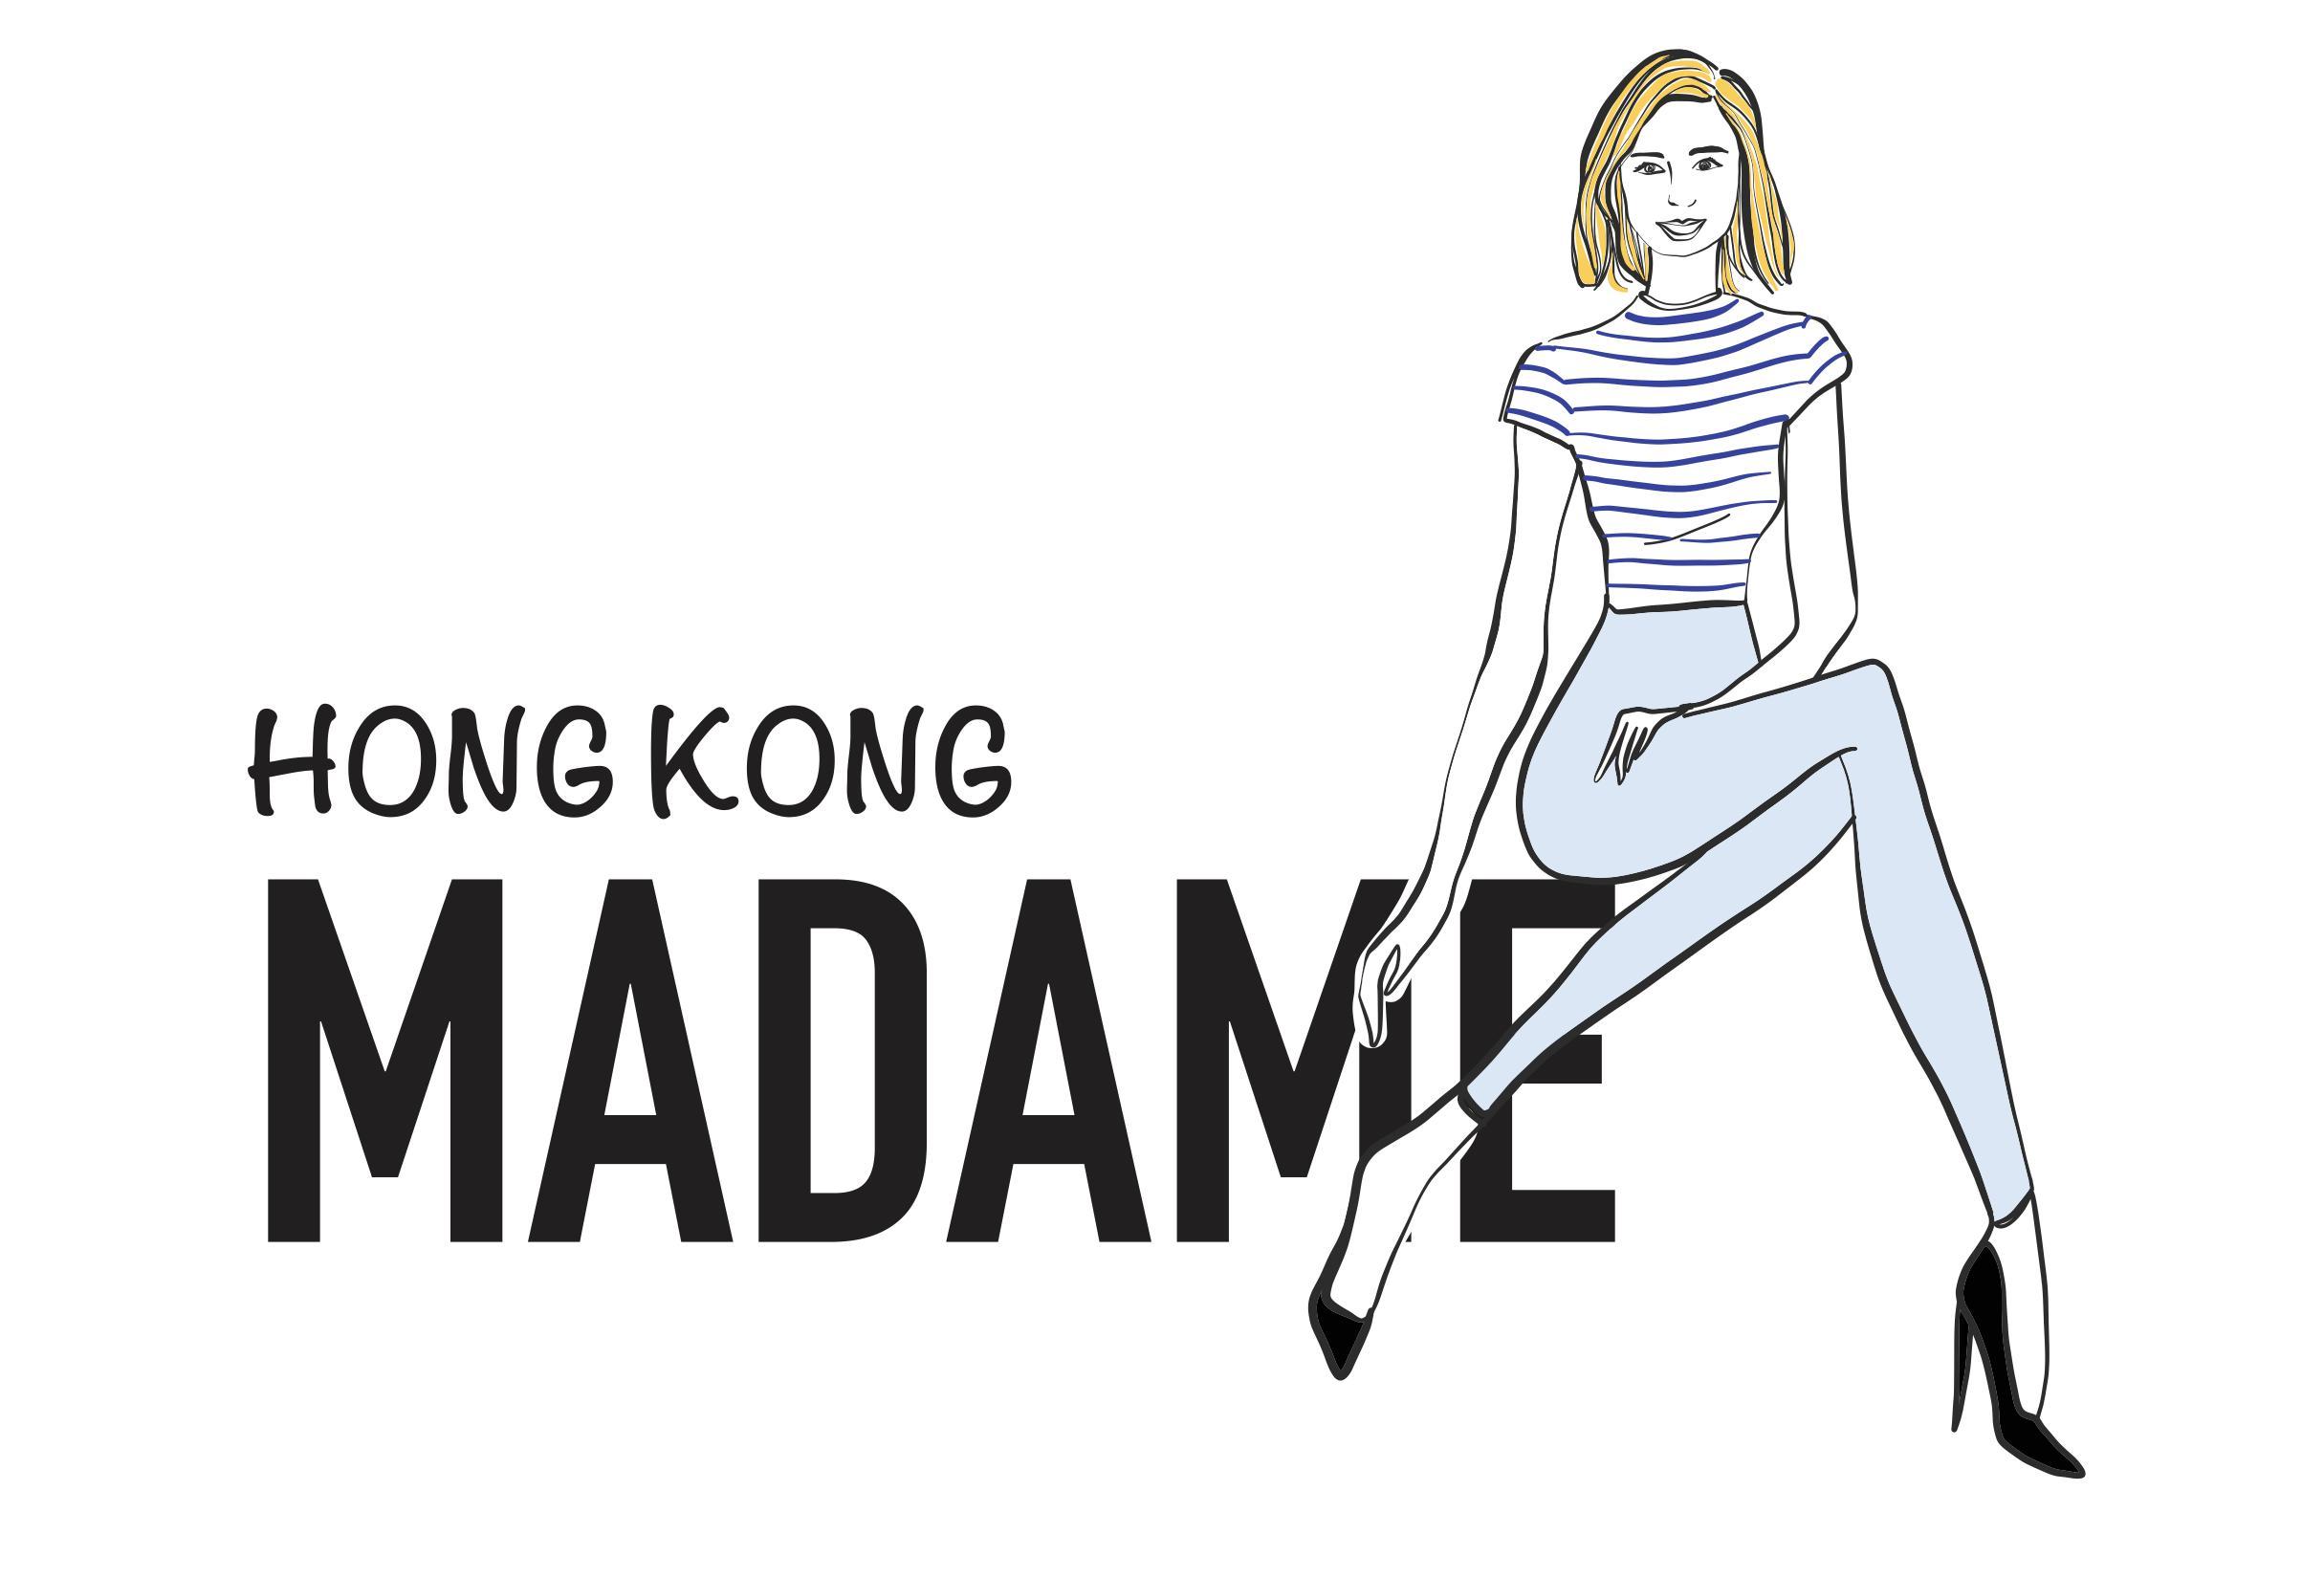 Hong Kong Madame